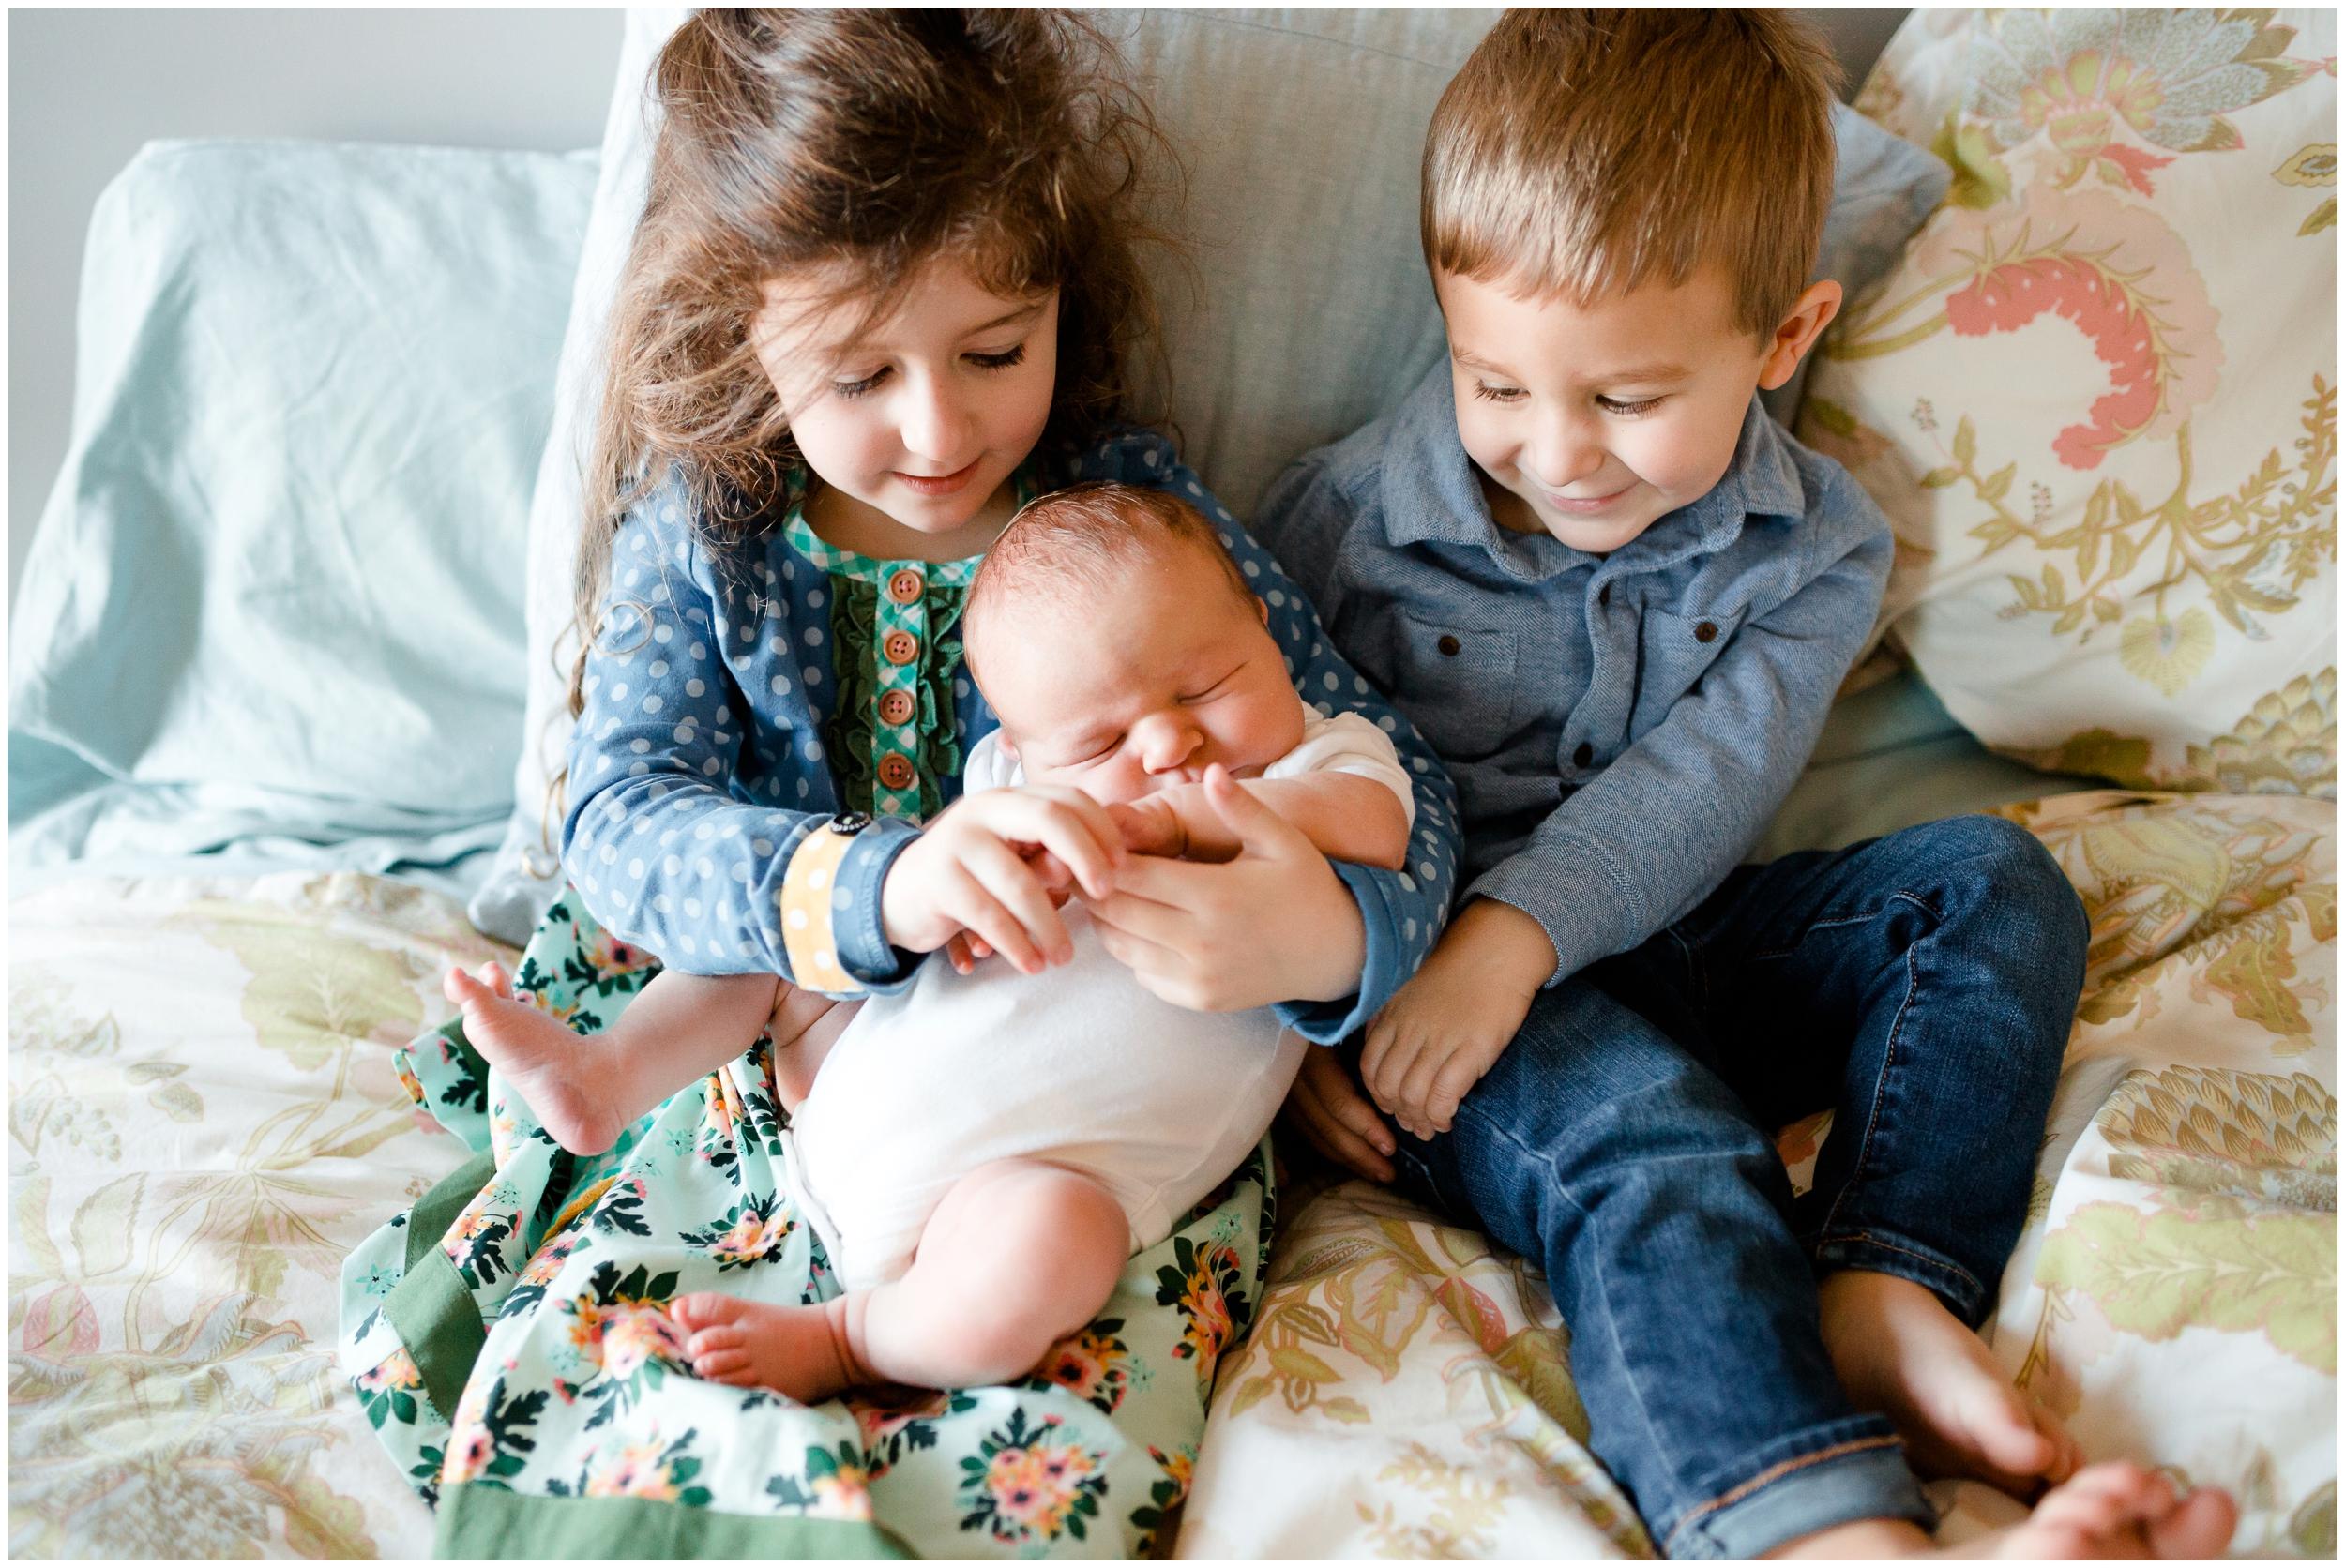 lexington-ky-family-lifestyle-photography-Priscilla-Baierlein-Photography_0236.jpg